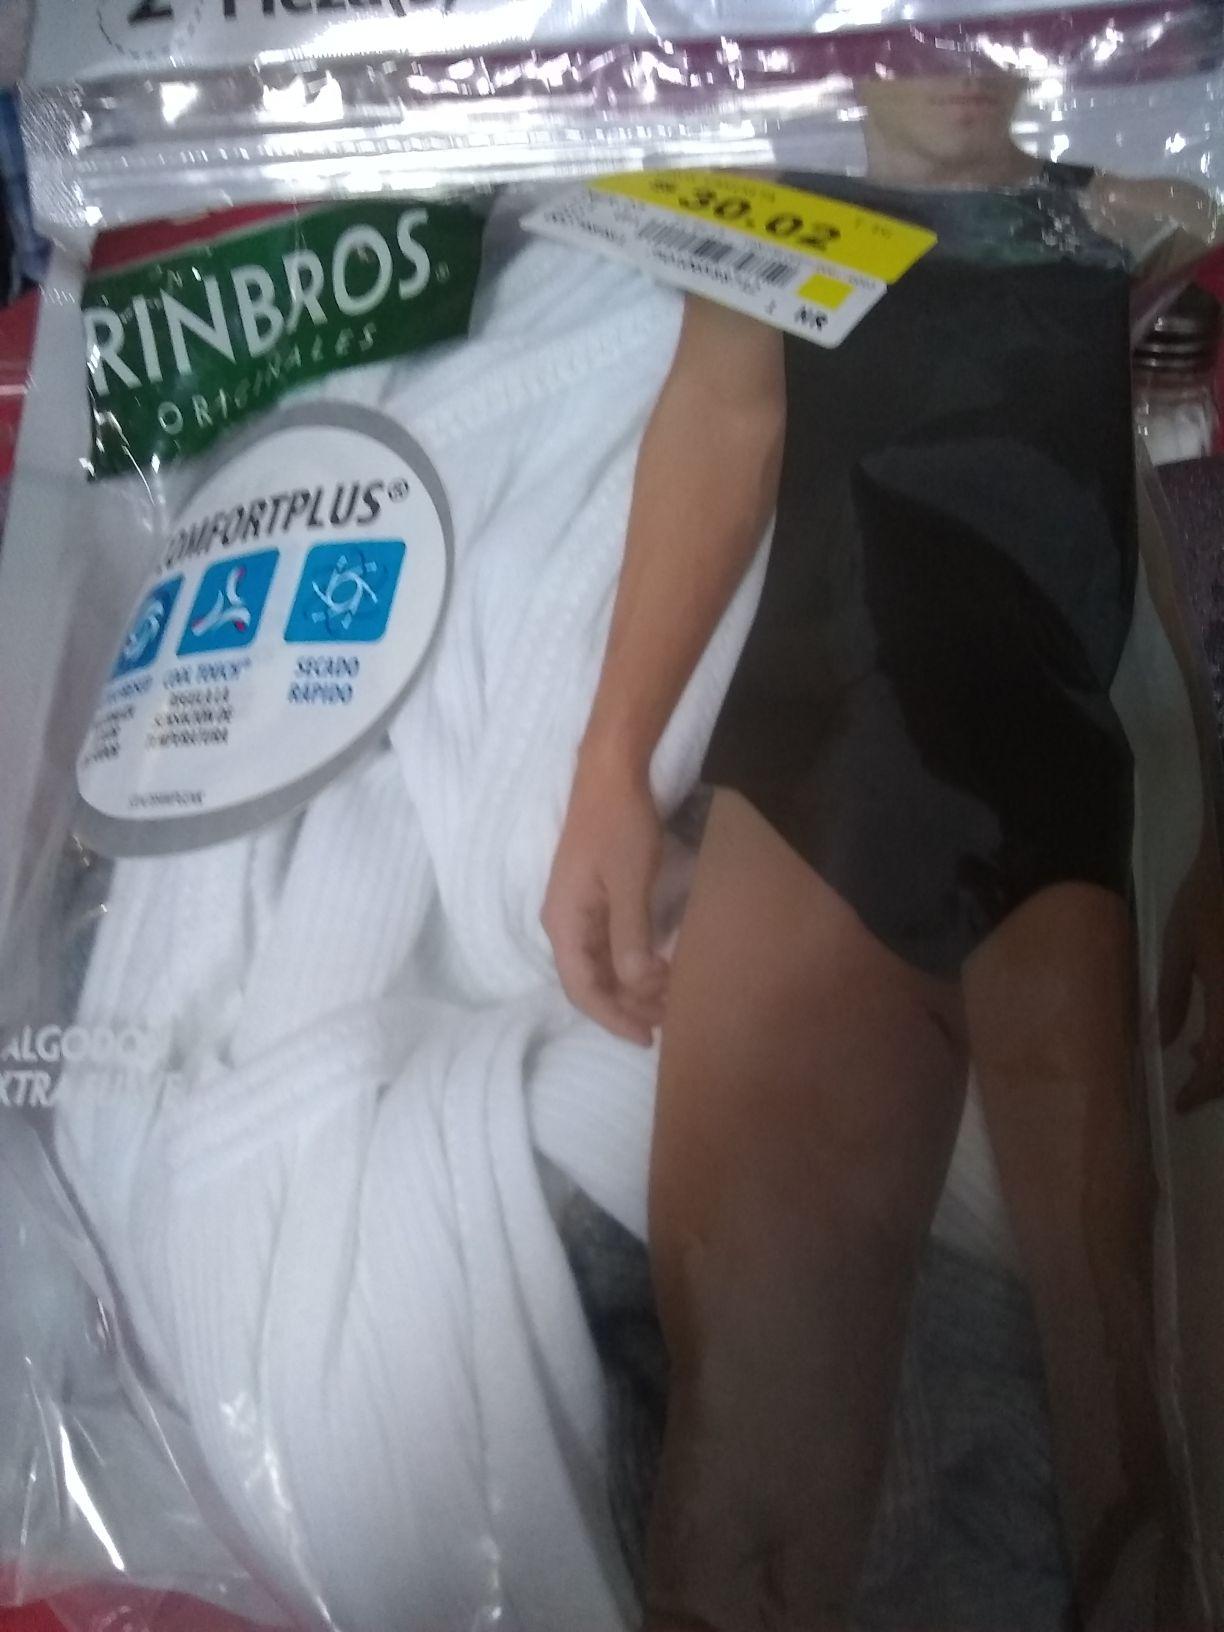 Bodega Aurrerá: Camiseta rimbros, refacción para olla express , brassiere